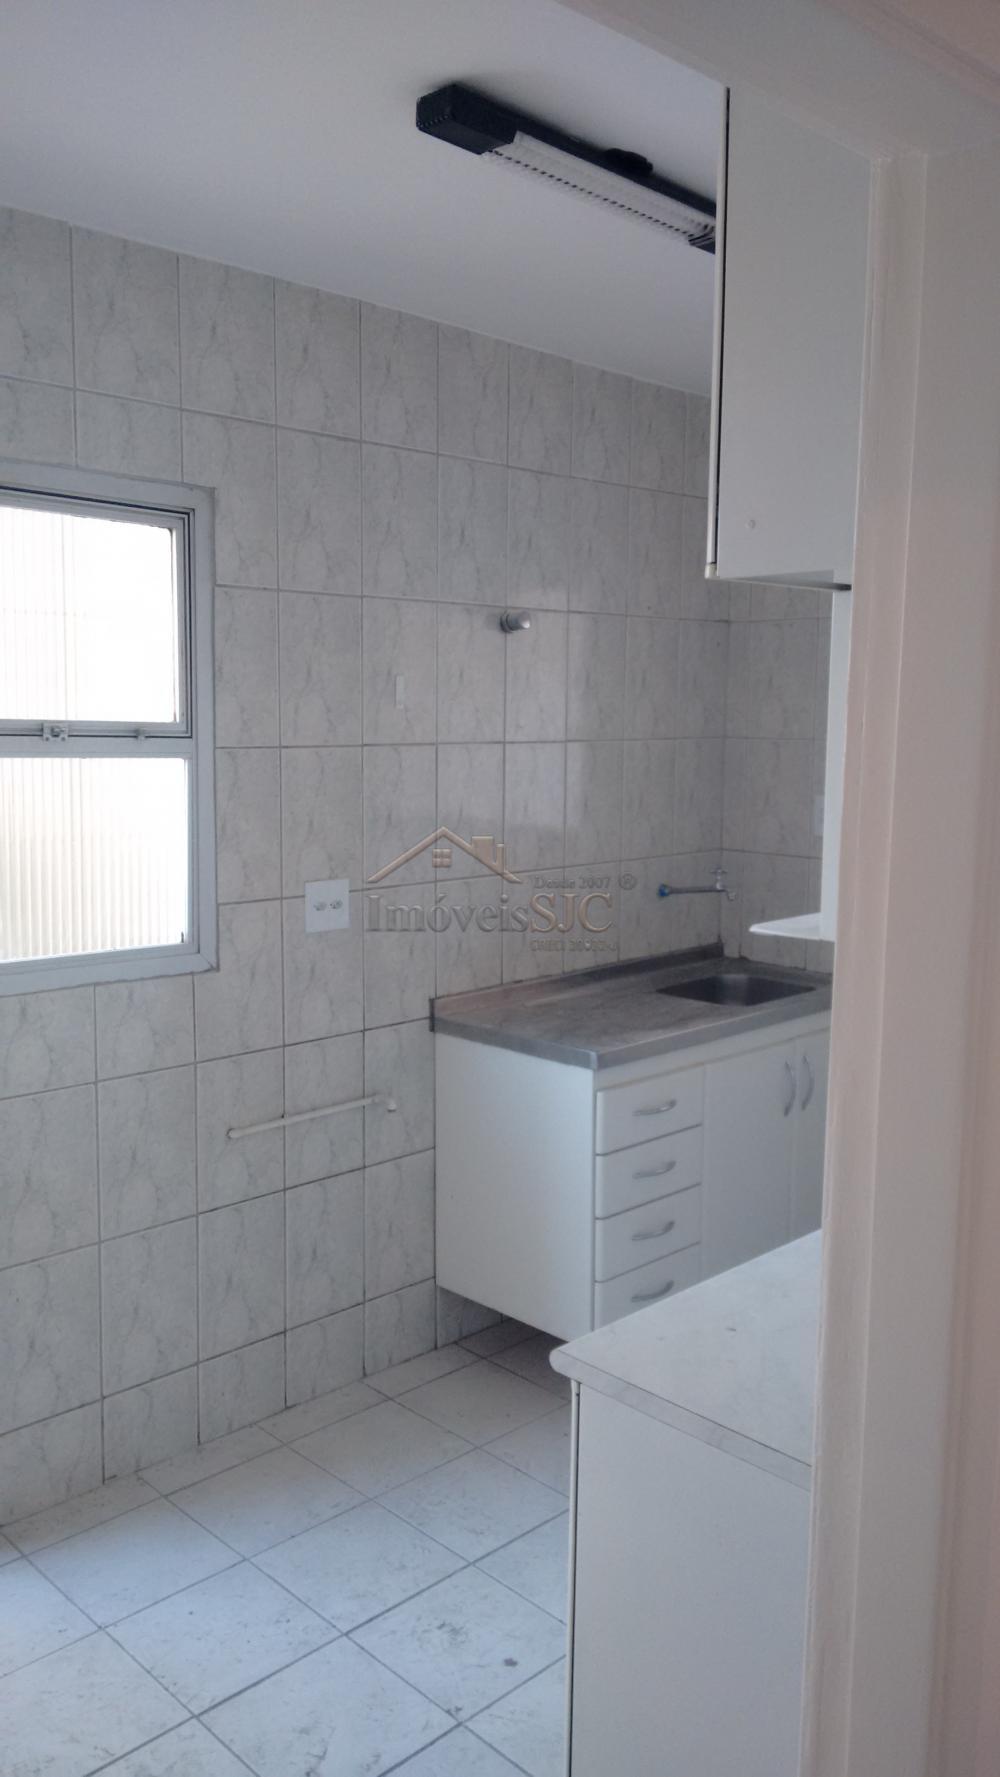 Alugar Apartamentos / Padrão em São José dos Campos apenas R$ 900,00 - Foto 4